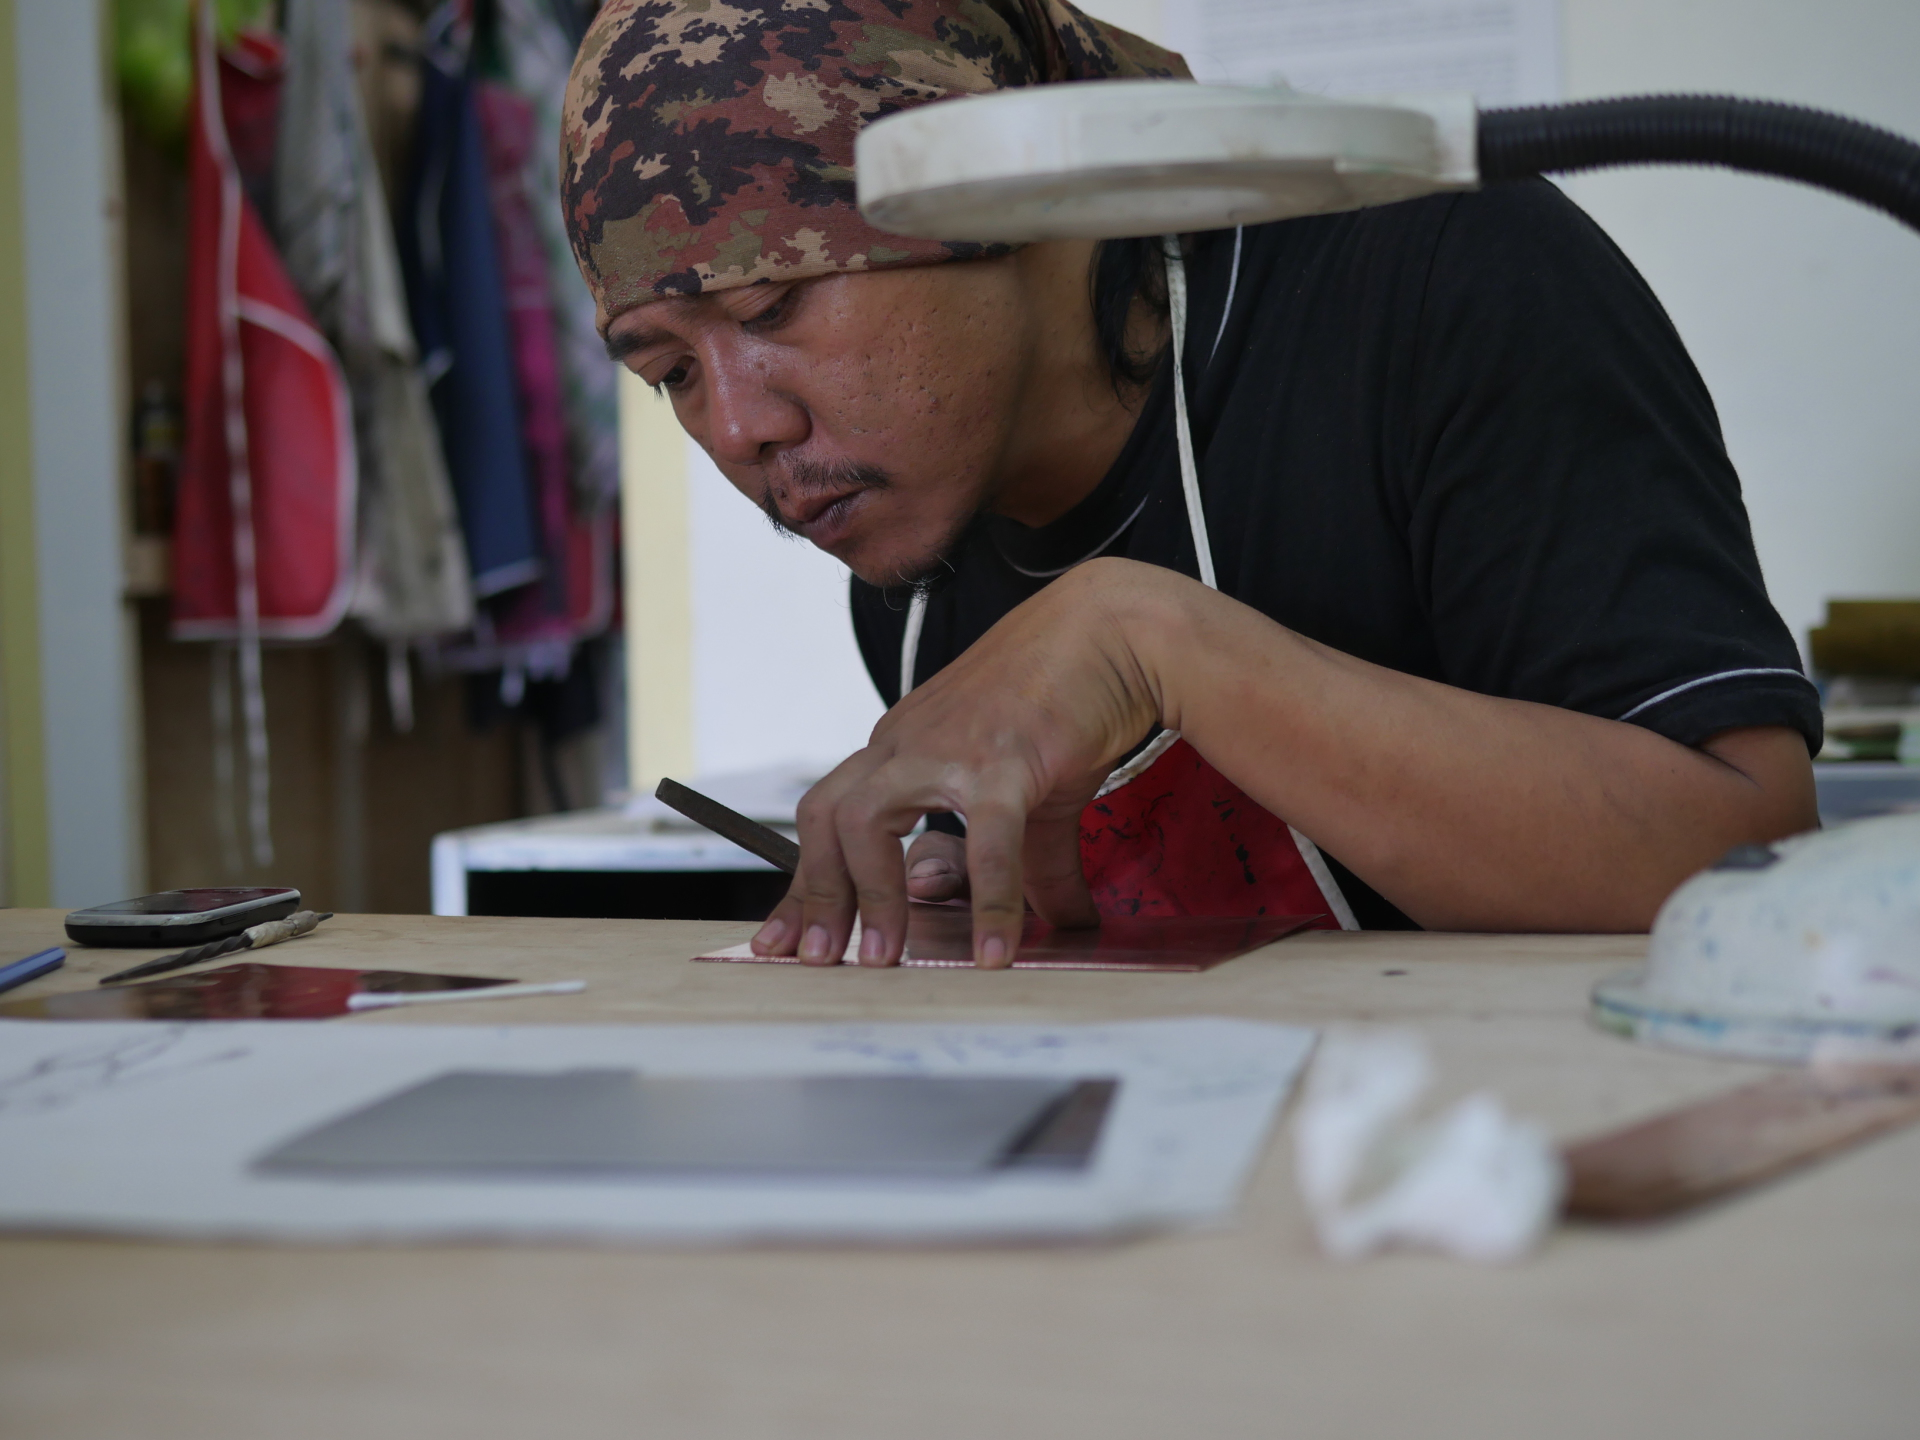 Artist Danang Hadi